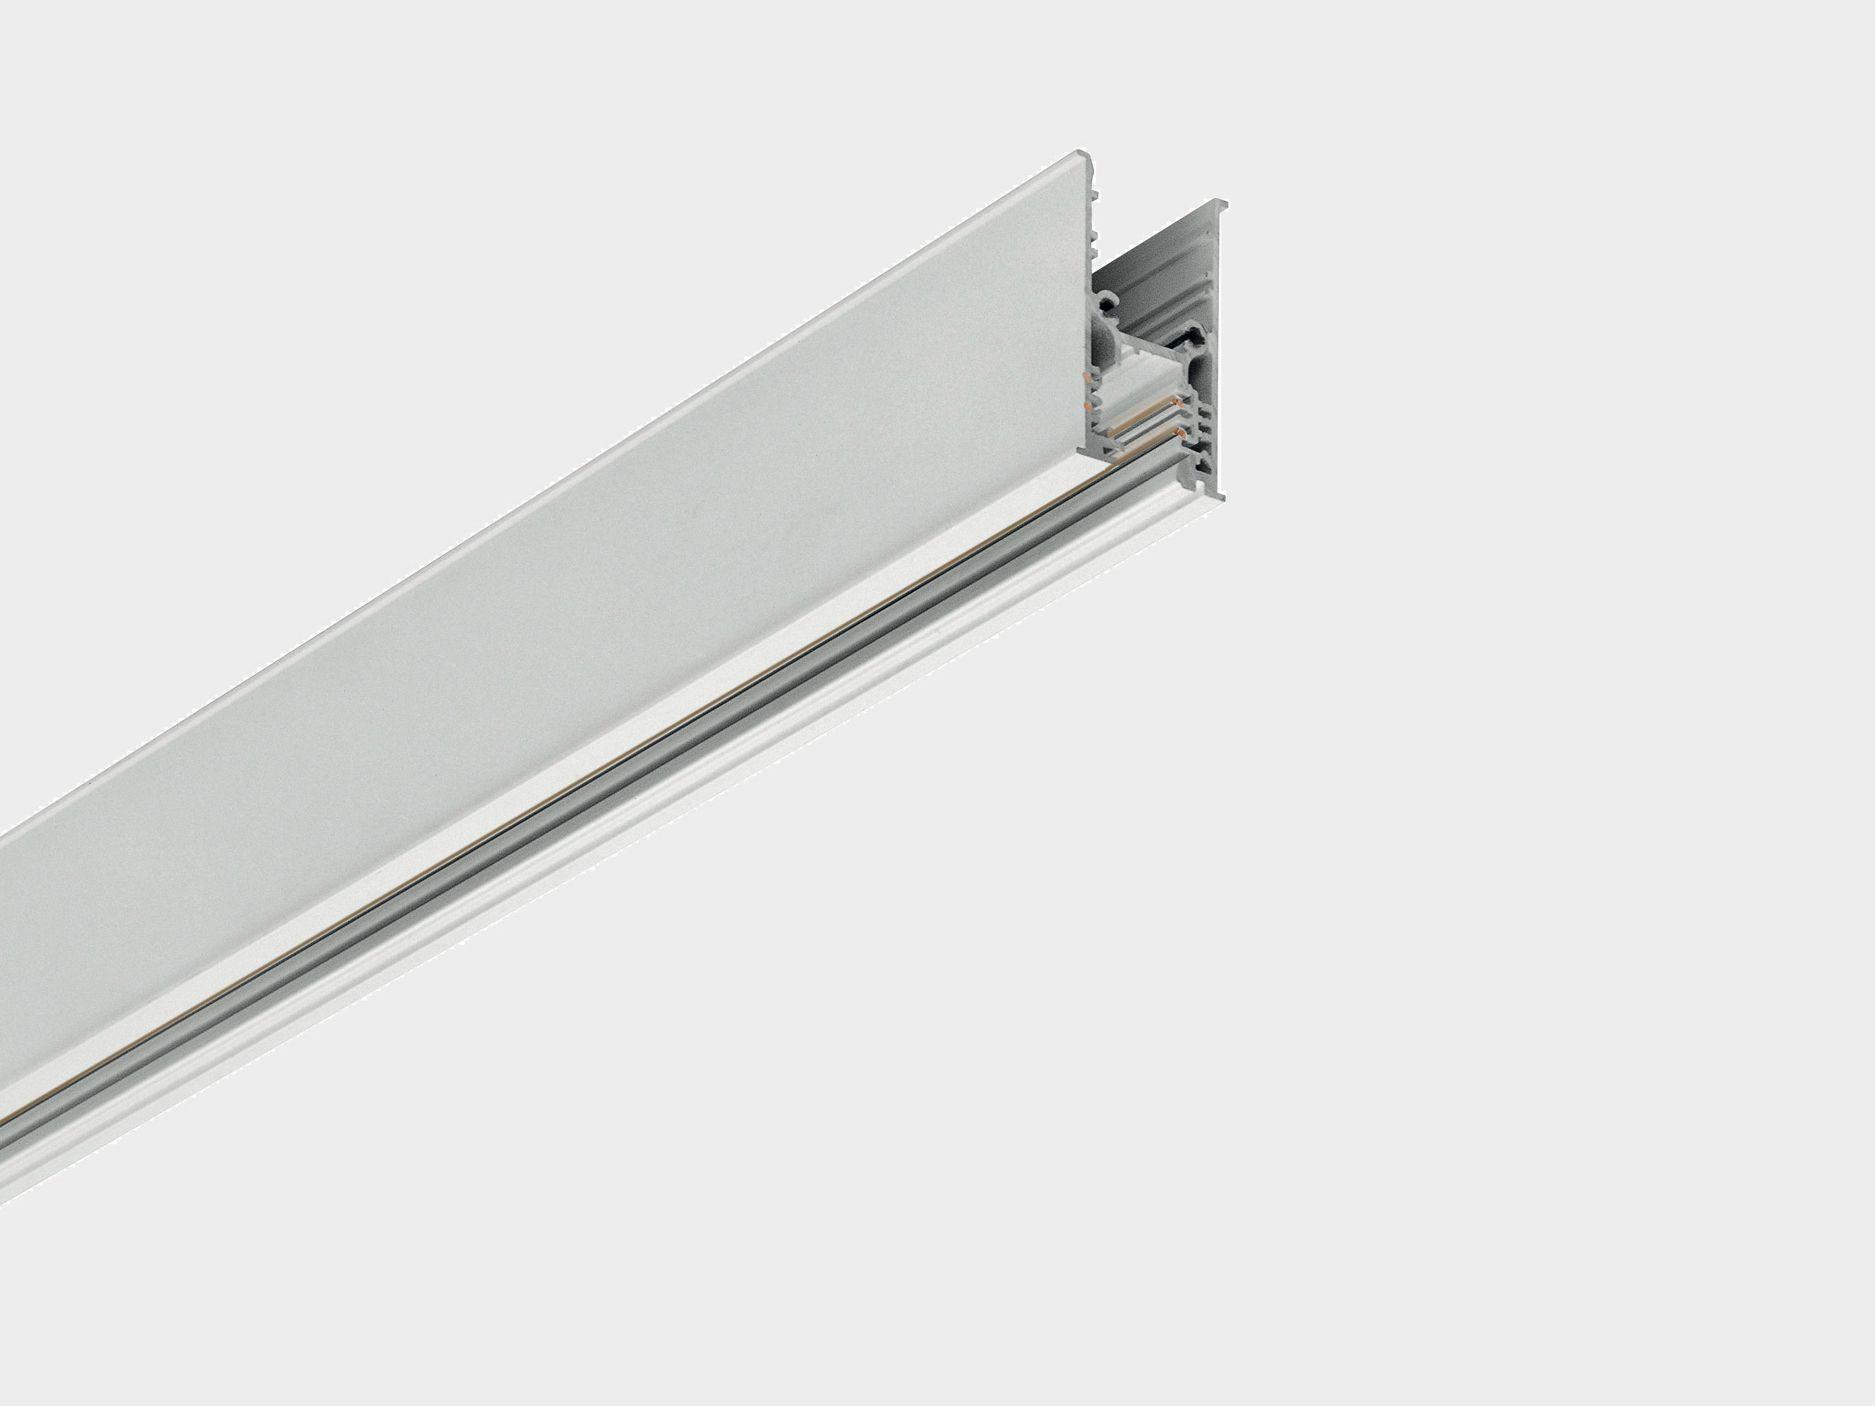 トラックライト BINARIO iDUO by iGuzzini Illuminazione デザイン: Jean-Michel Wilmotte